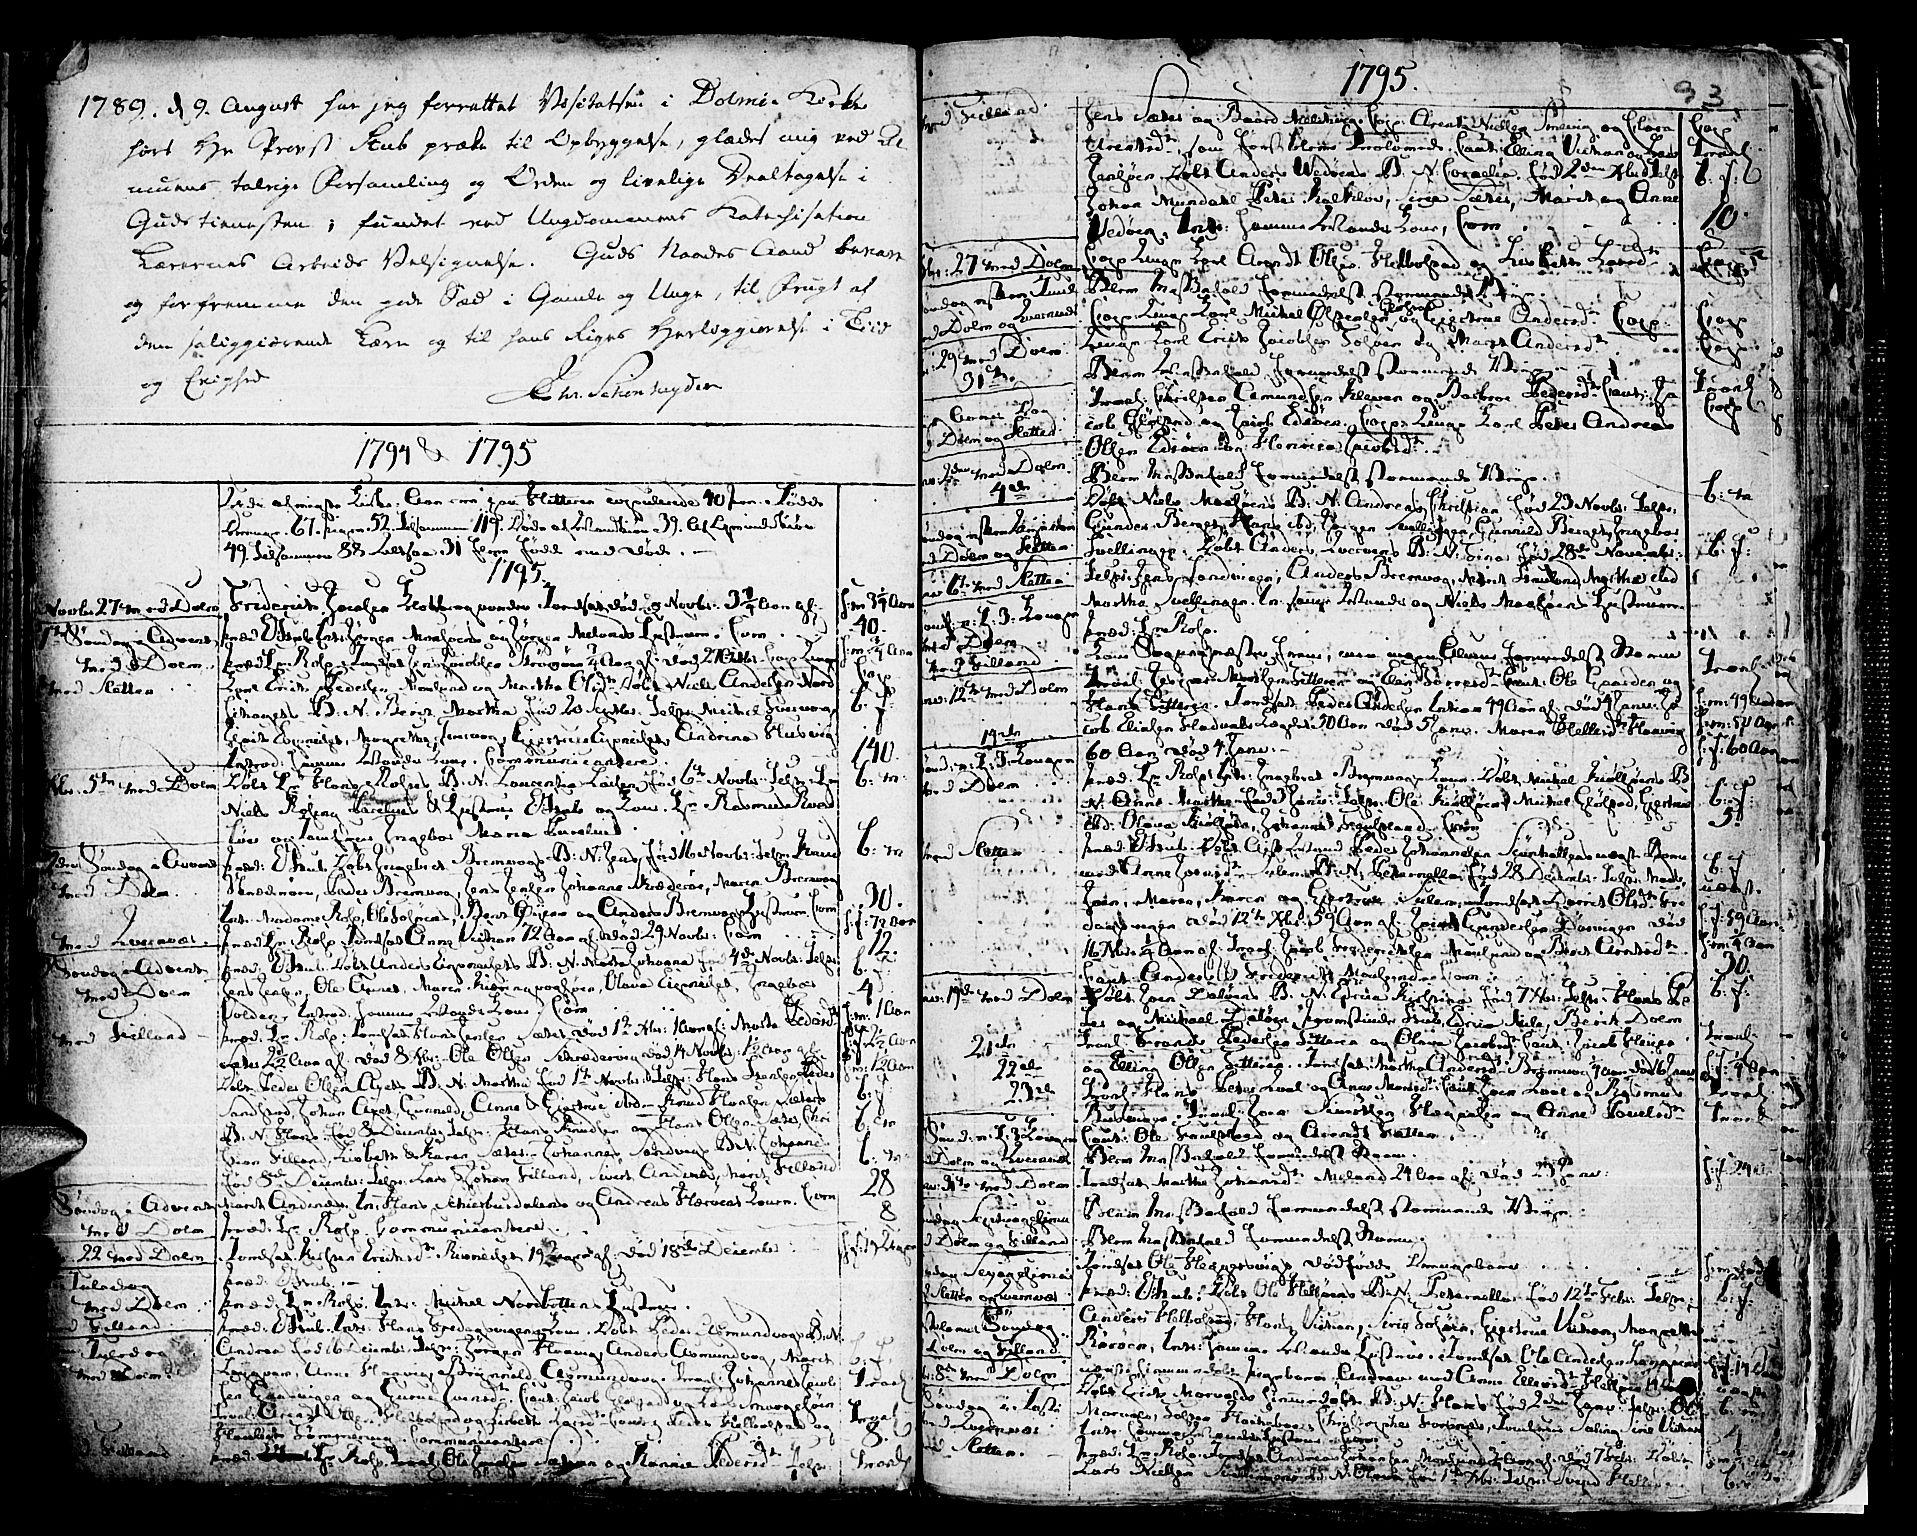 SAT, Ministerialprotokoller, klokkerbøker og fødselsregistre - Sør-Trøndelag, 634/L0526: Ministerialbok nr. 634A02, 1775-1818, s. 93